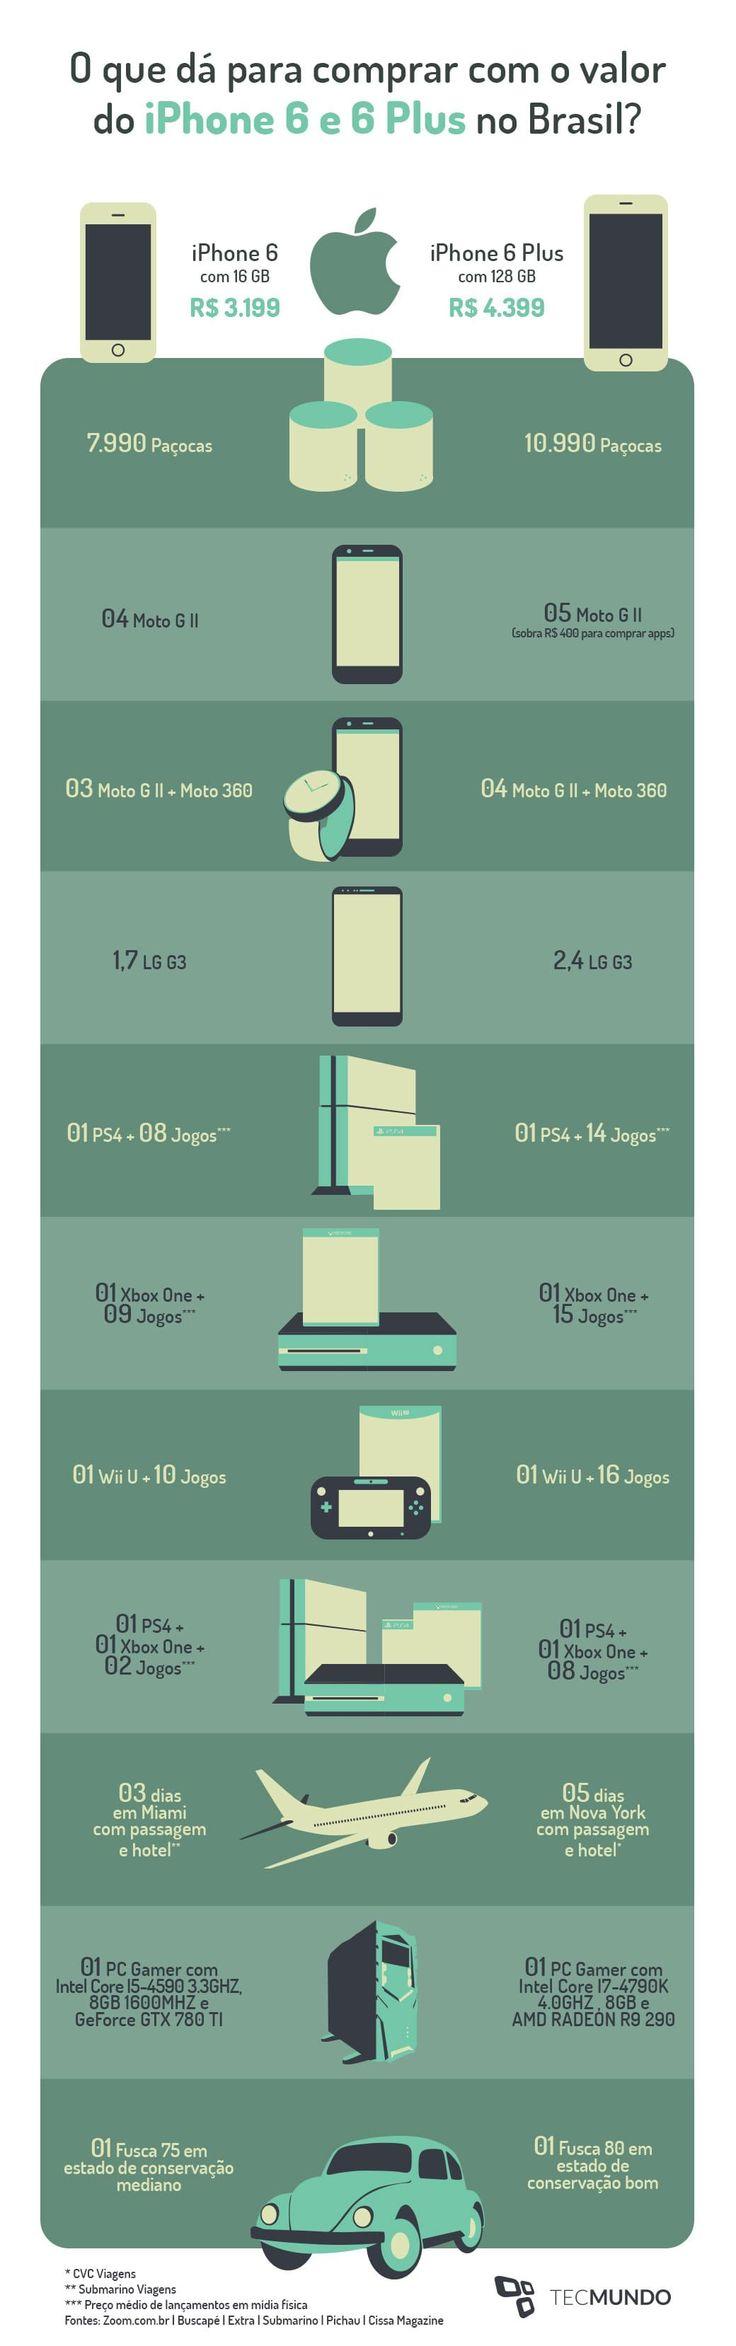 #infográfico - O que é possível comprar com o valor do #iPhone6 no Brasil?